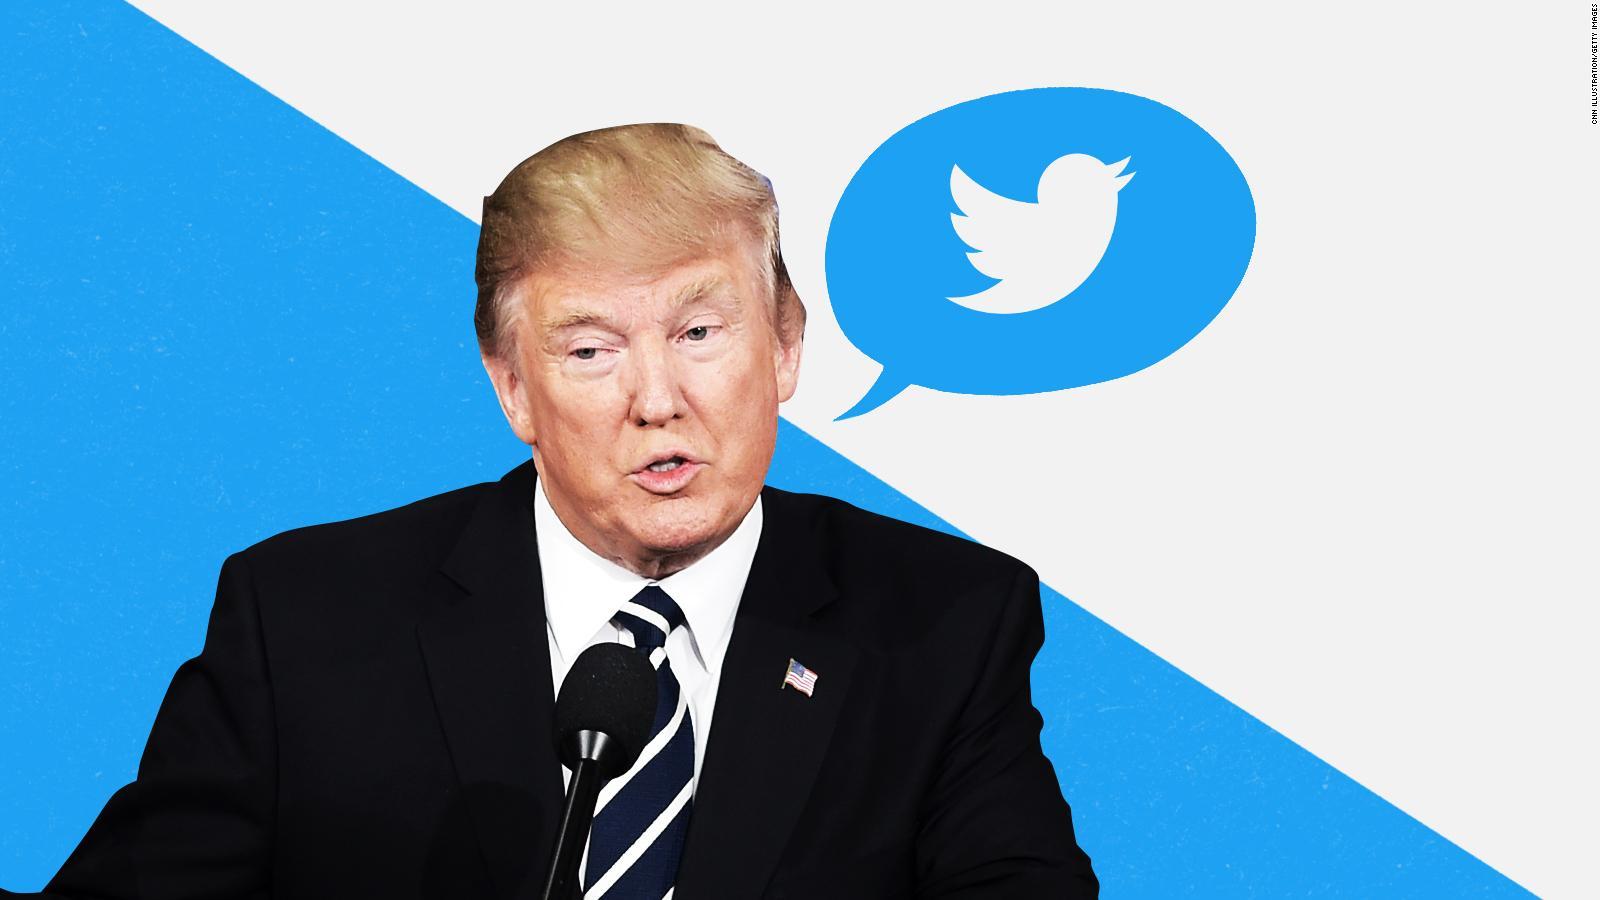 ترمپ 1 - پاسخ نماینده زن مسلمان به تویت اخیر ترمپ